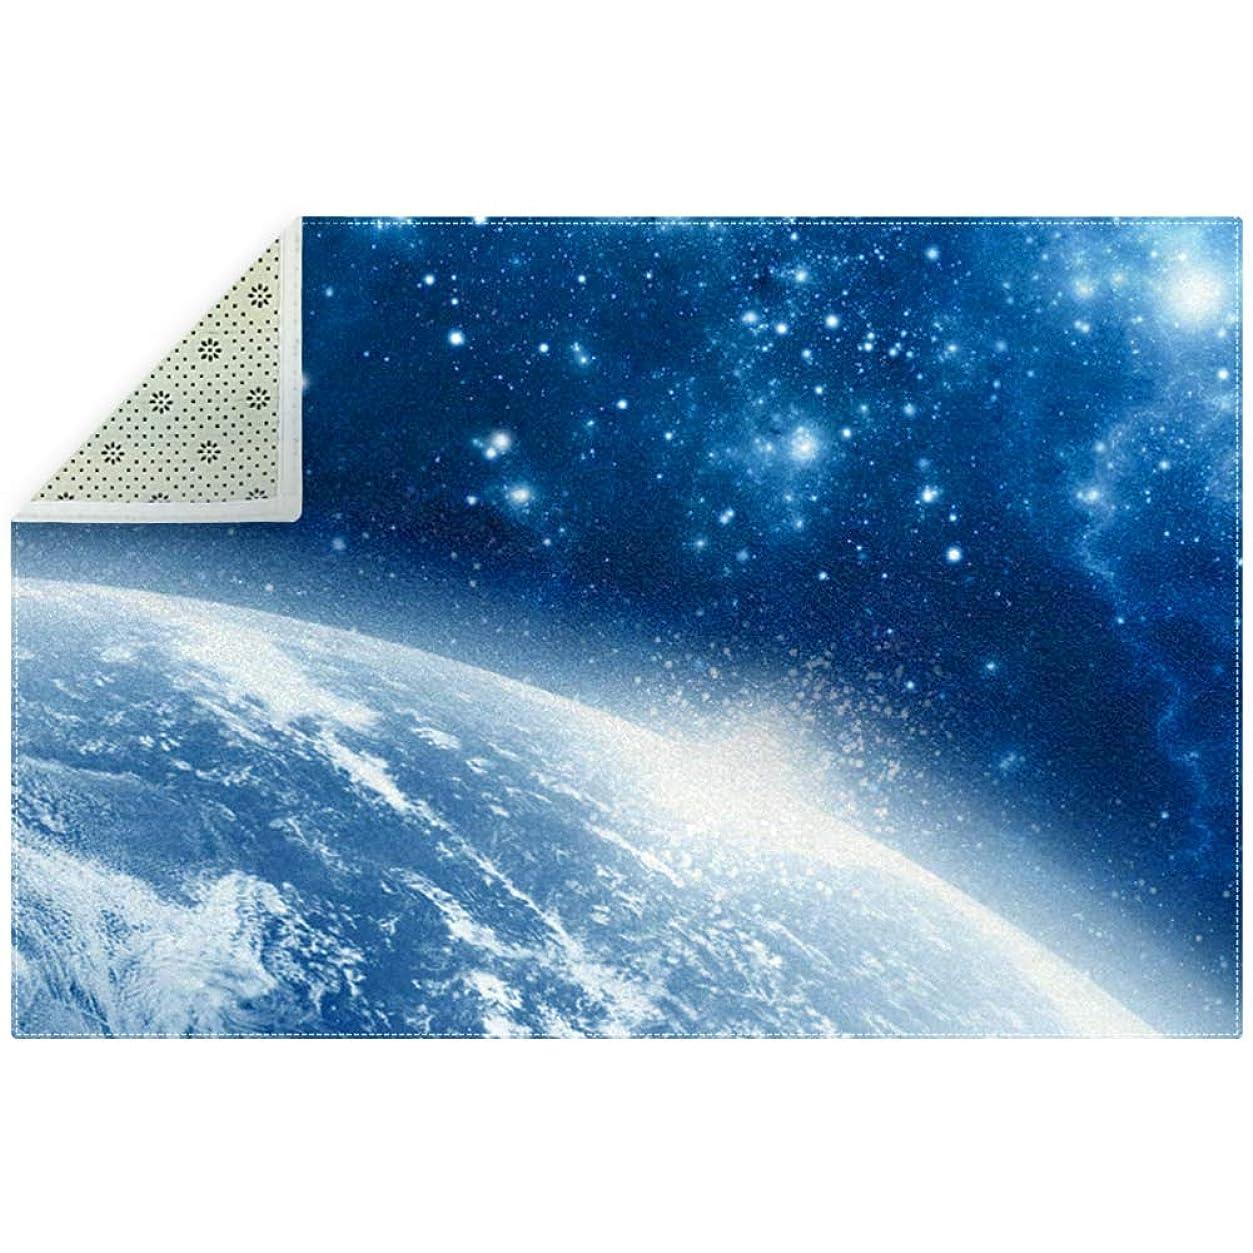 容疑者クリーナー形式AyuStyle ラグ カーペット 200×150cm 星空 夜空 宇宙 ラグマット ホットカーペット フロアマット 個性的 オシャレ 長方形 滑り止め付き